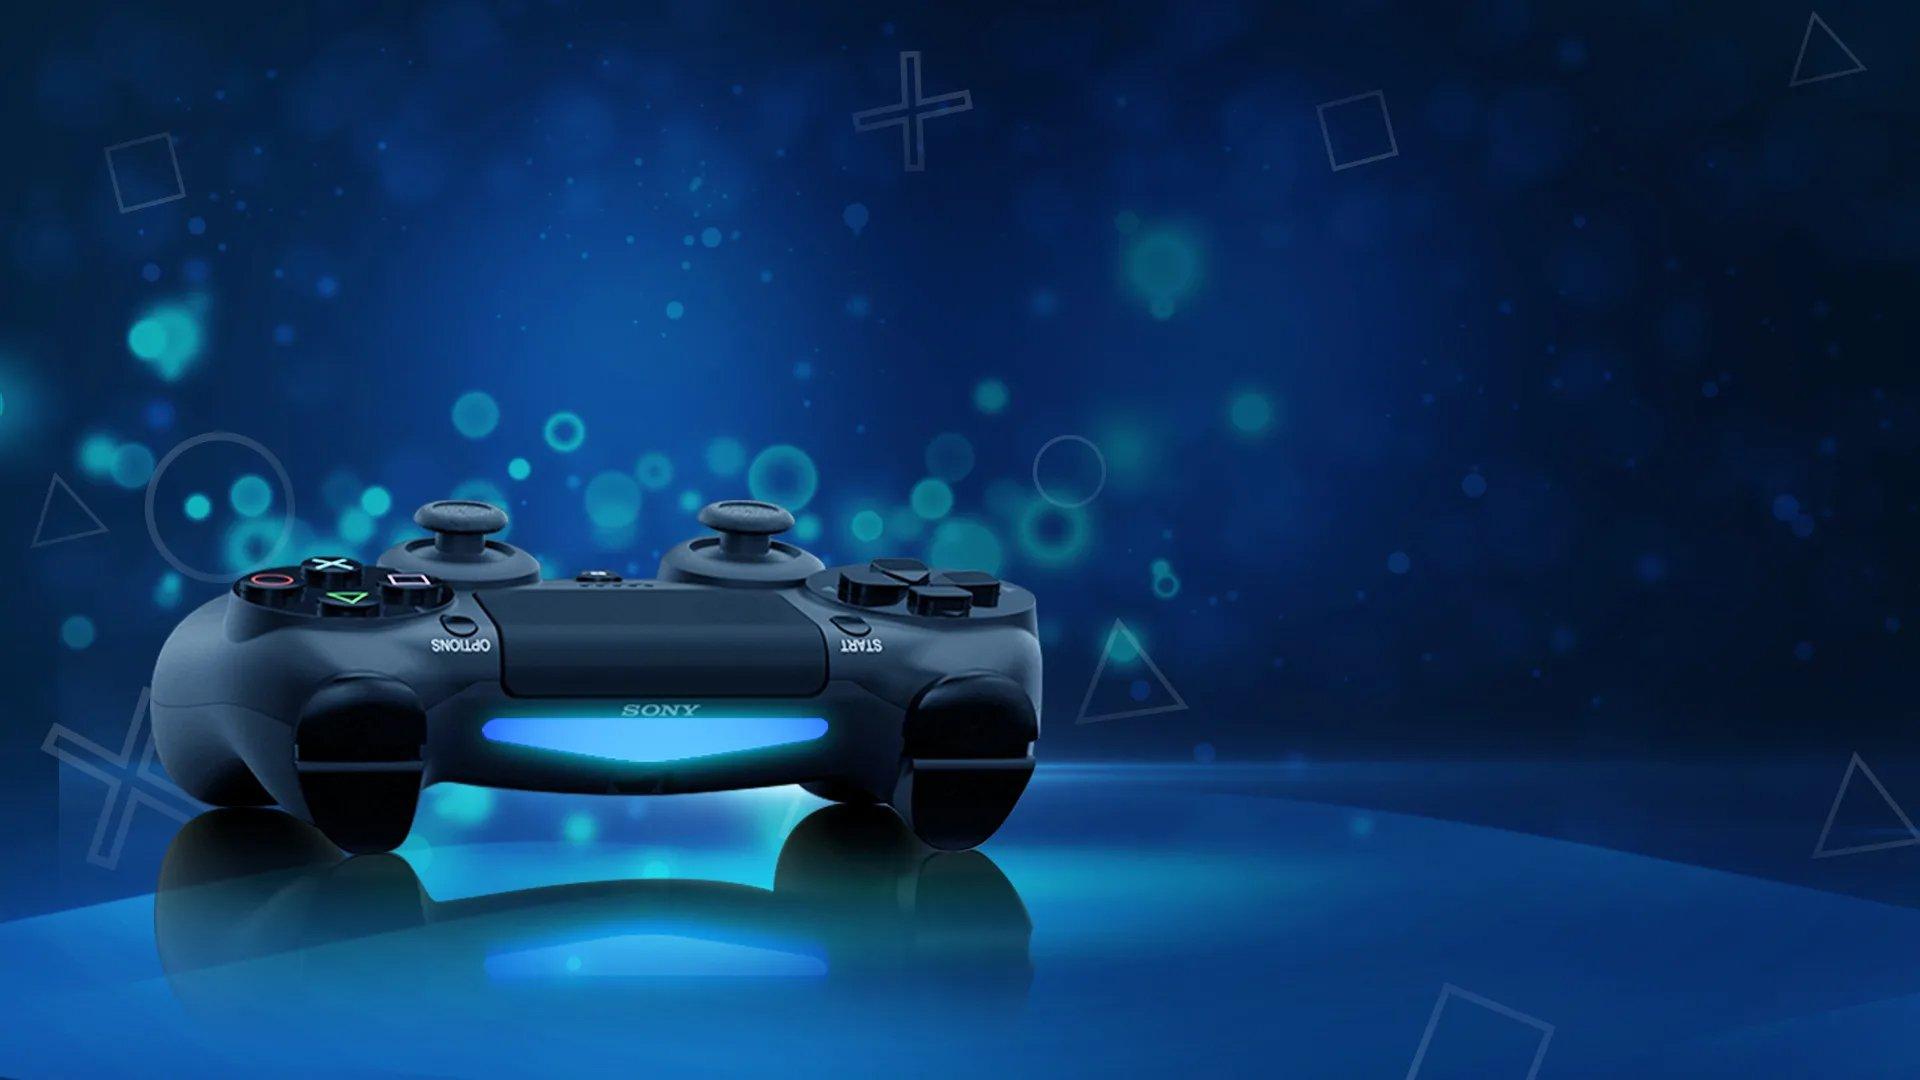 La PS5 potrebbe costare quanto la Playstation 4 base